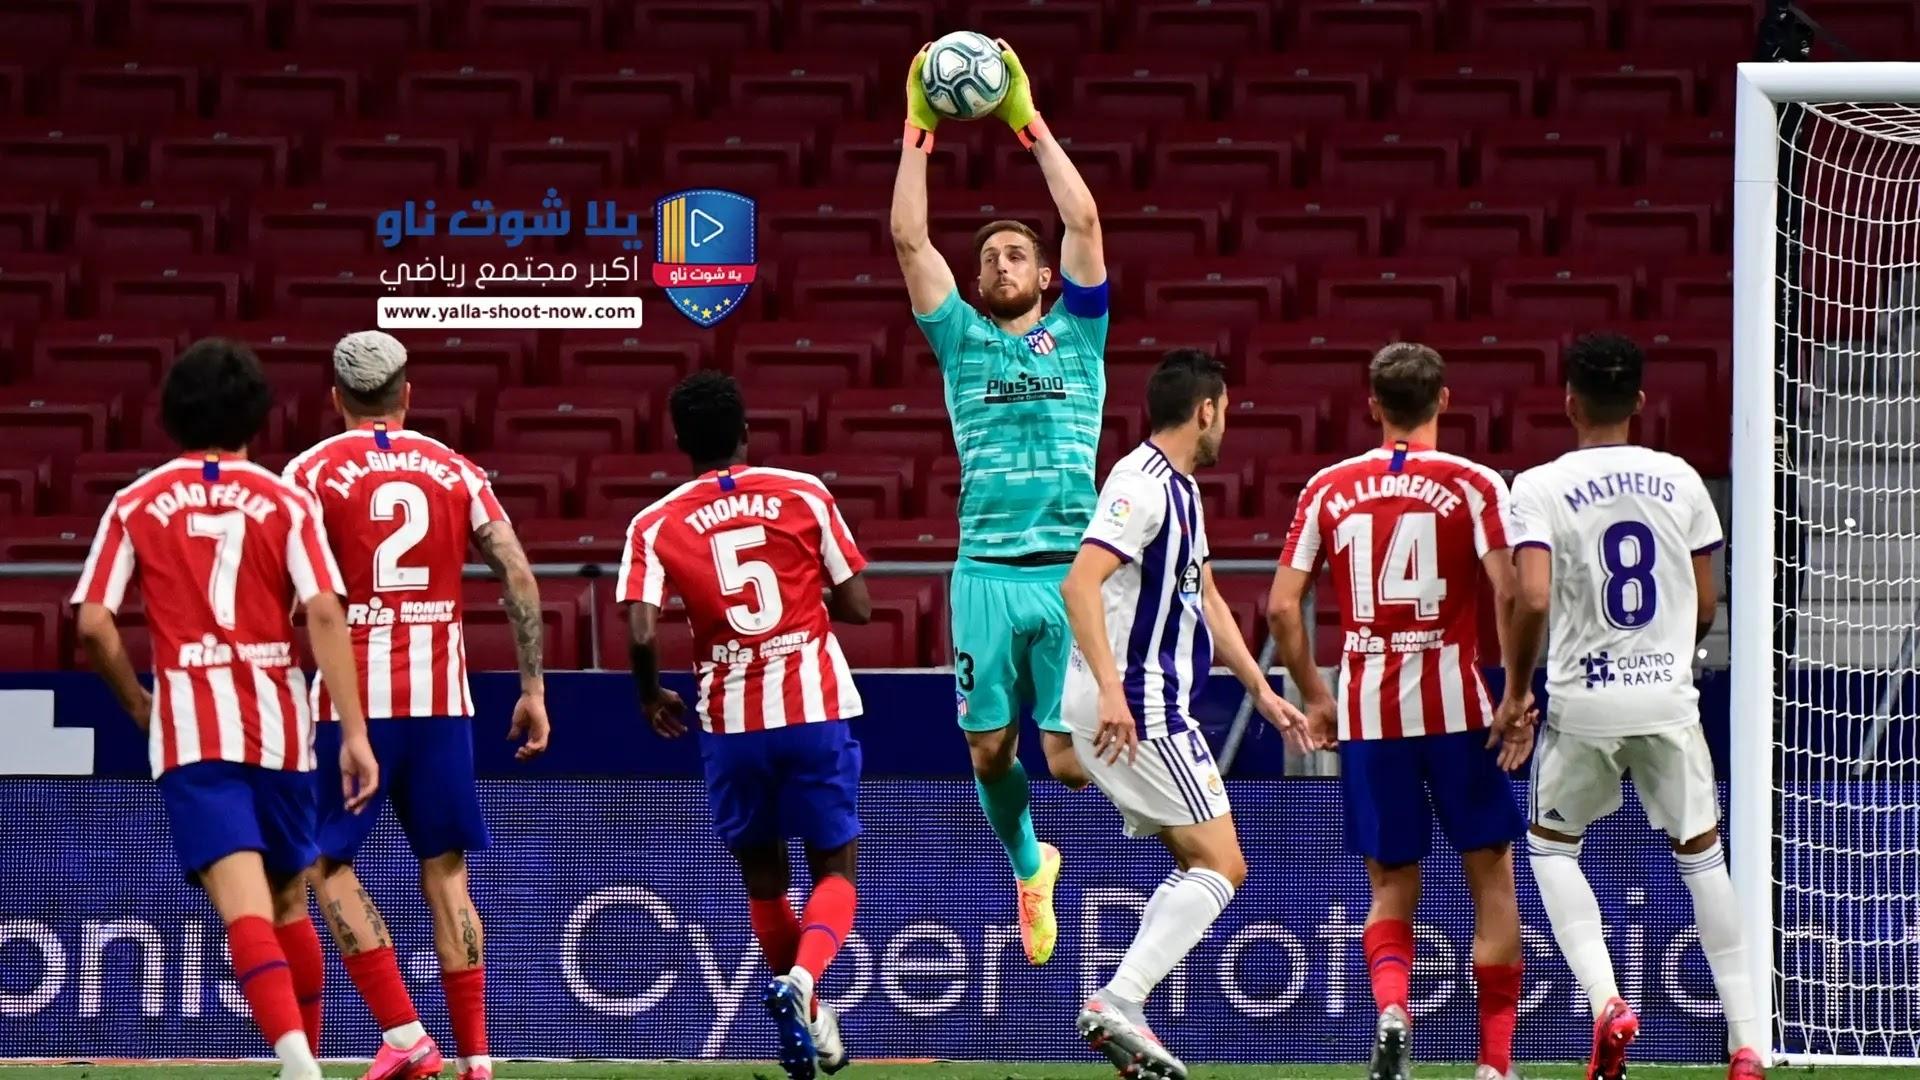 موعد مباراة اتلتيكو مدريد وتشيلسي دوري ابطال اوروبا